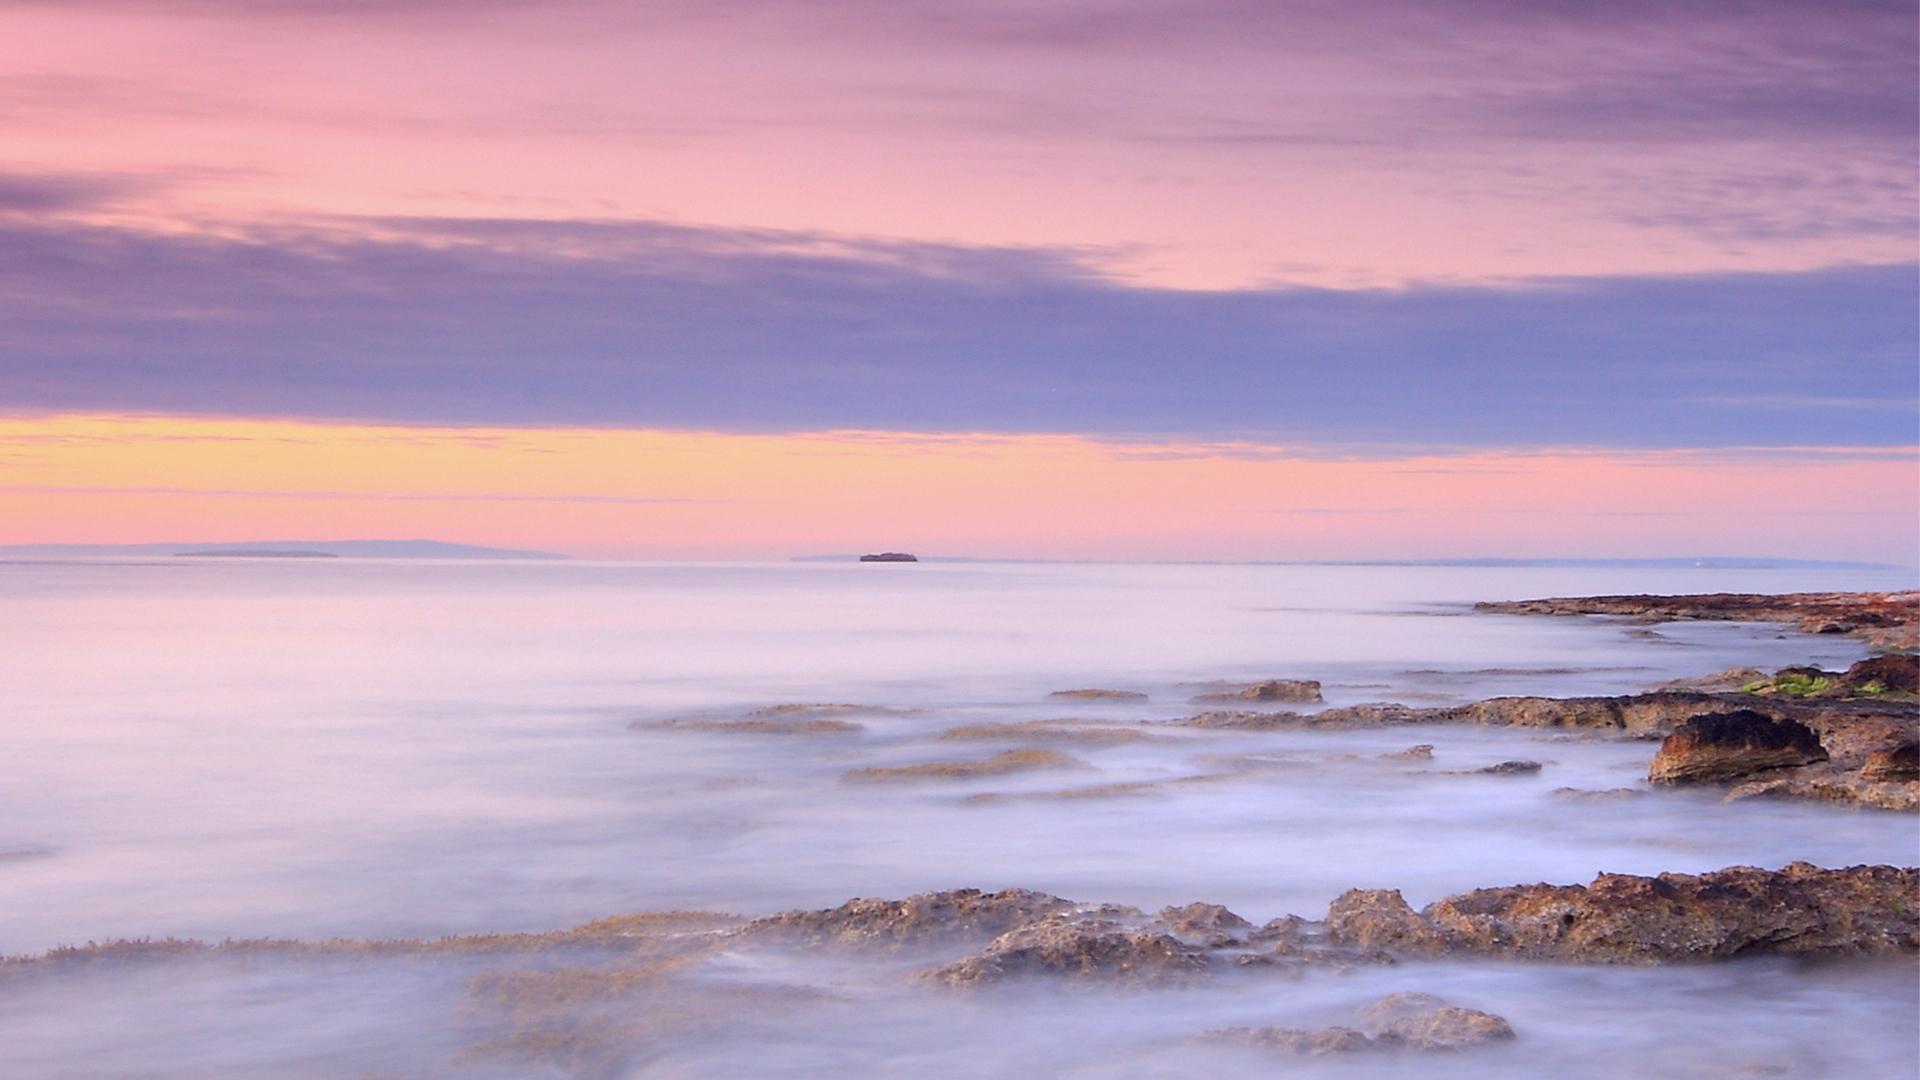 219 2194163 pink ocean desktop background